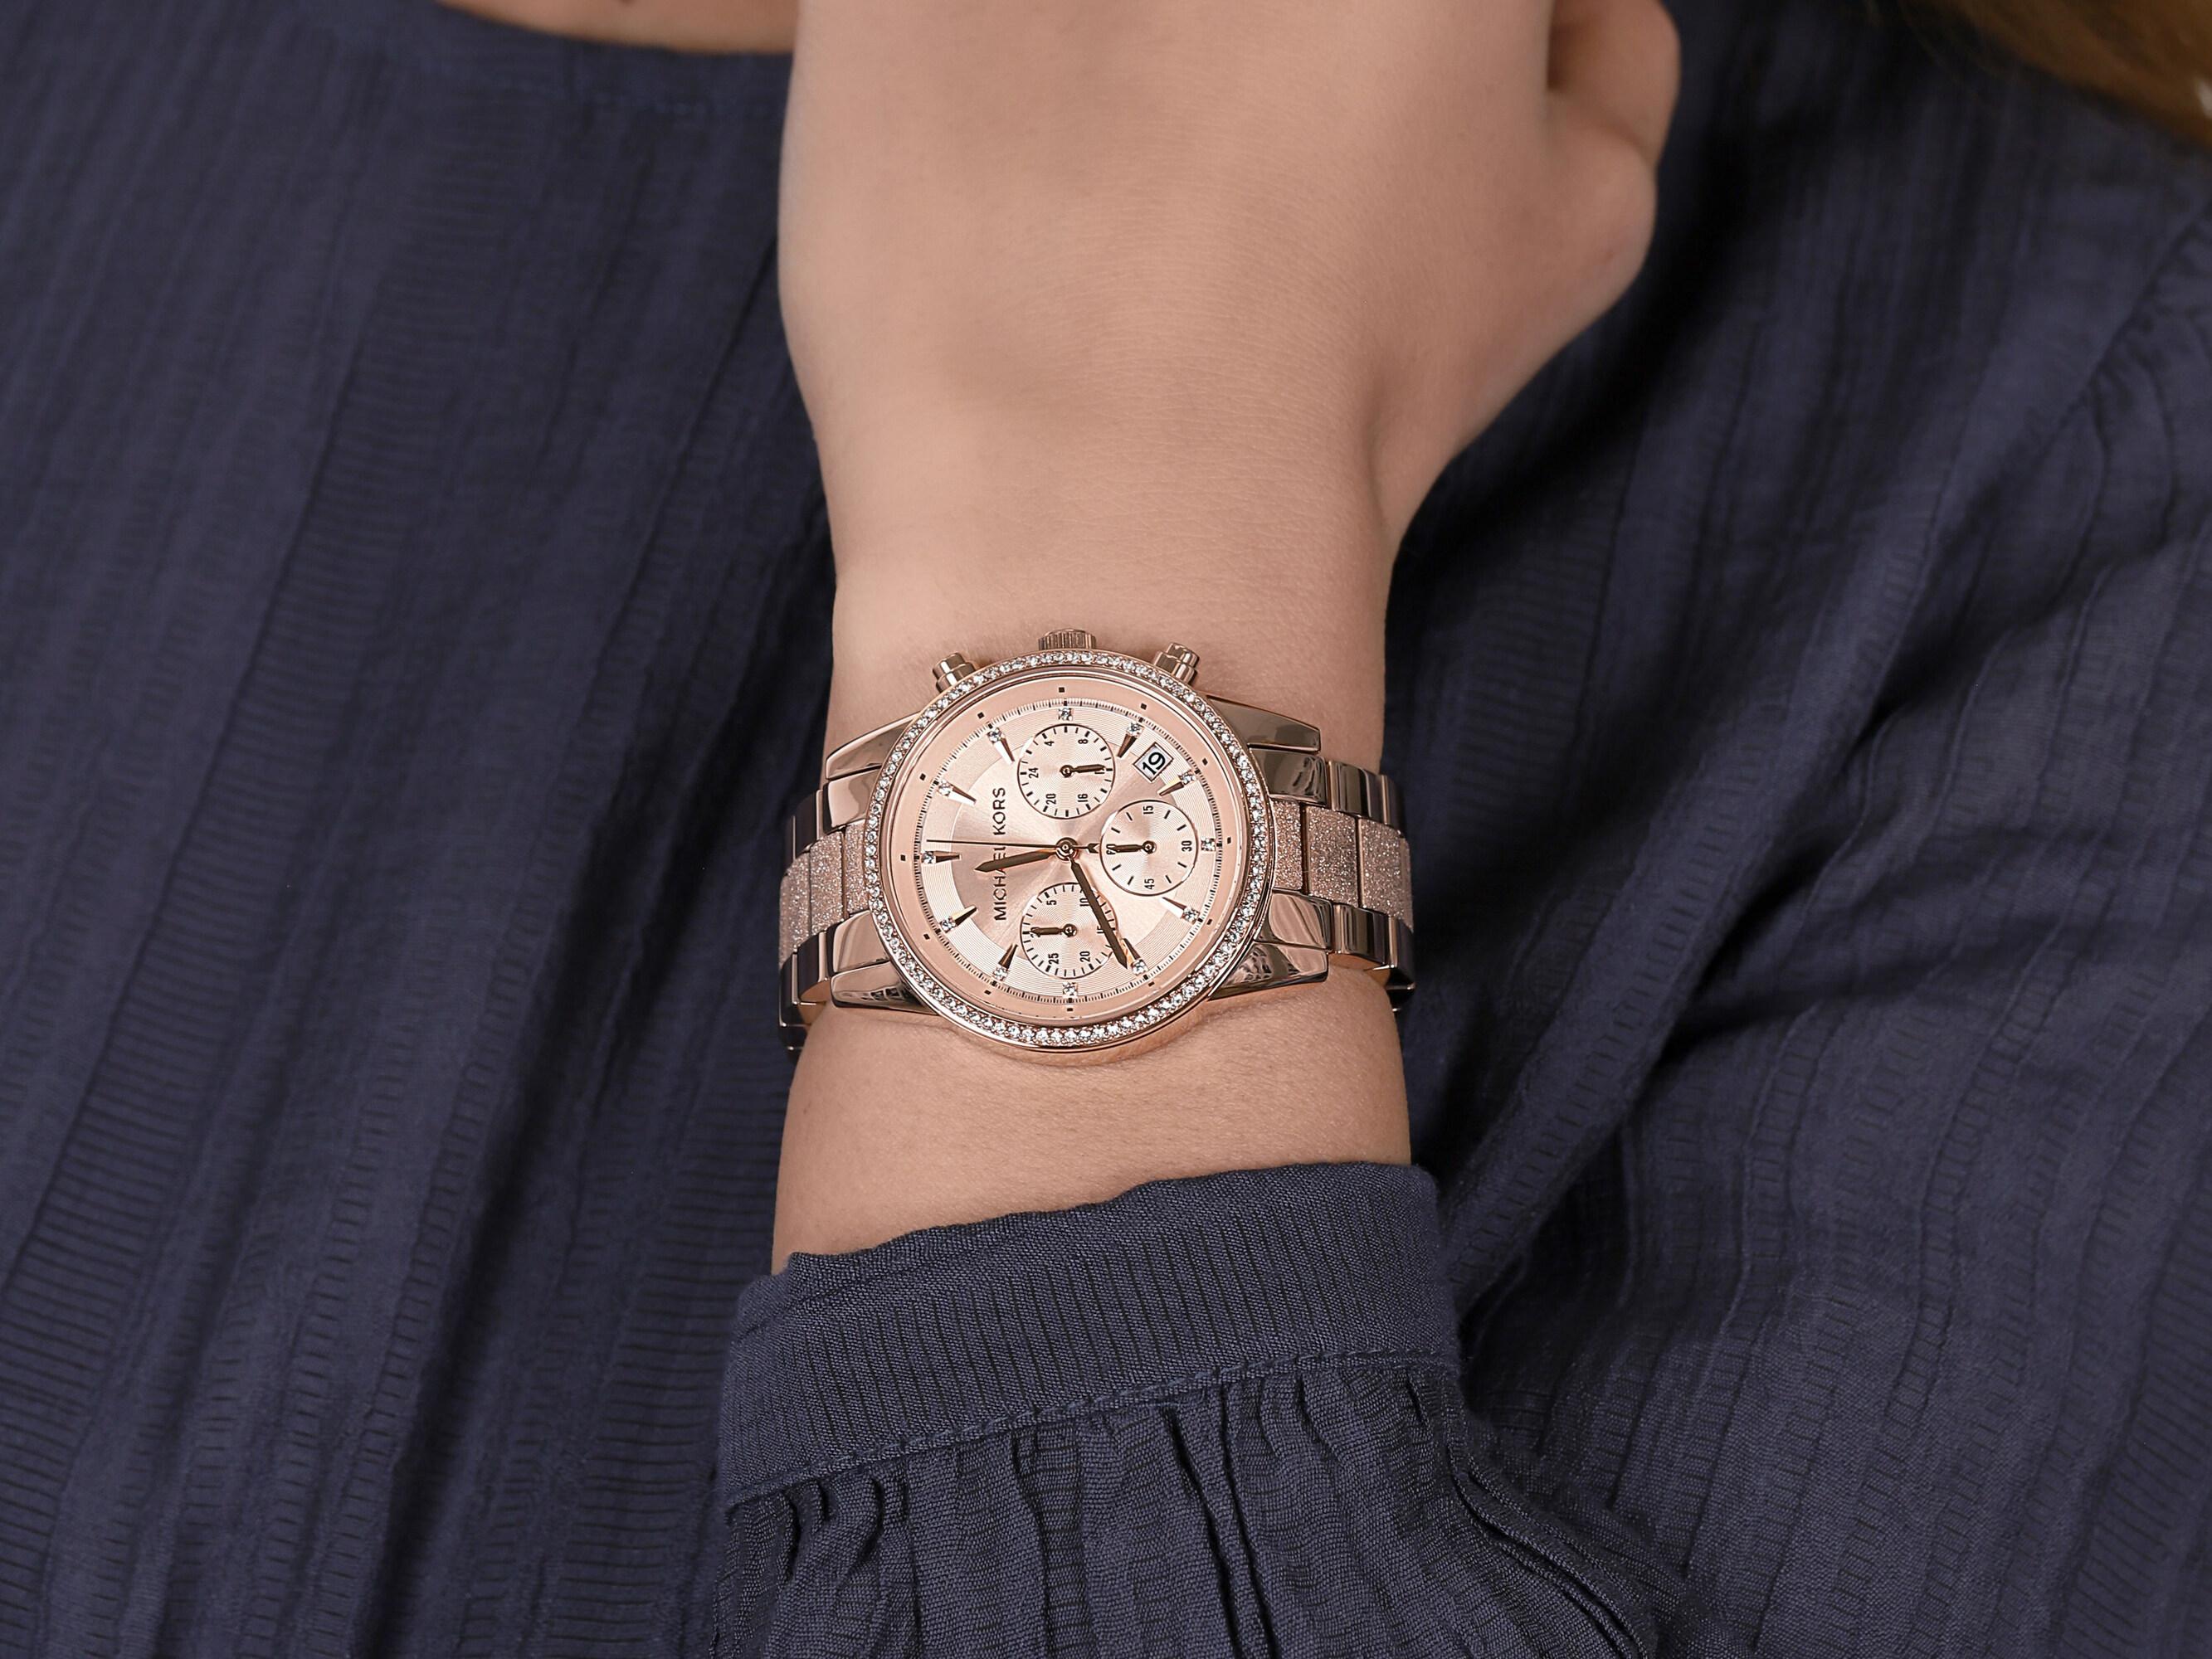 Michael Kors MK6598 damski zegarek Ritz bransoleta